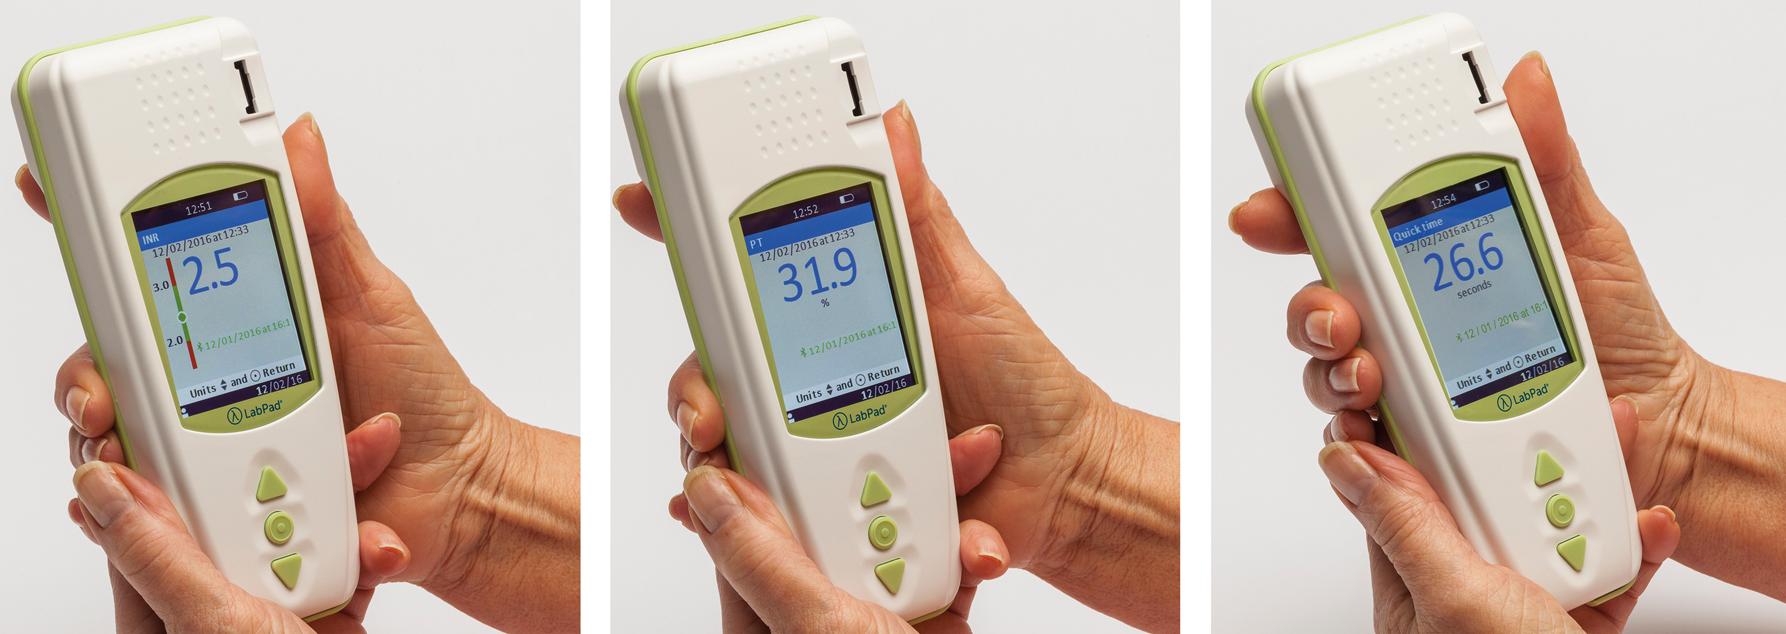 L'appareil de mesure INR LabPad® affiche trois résultats de valeurs de coagulation